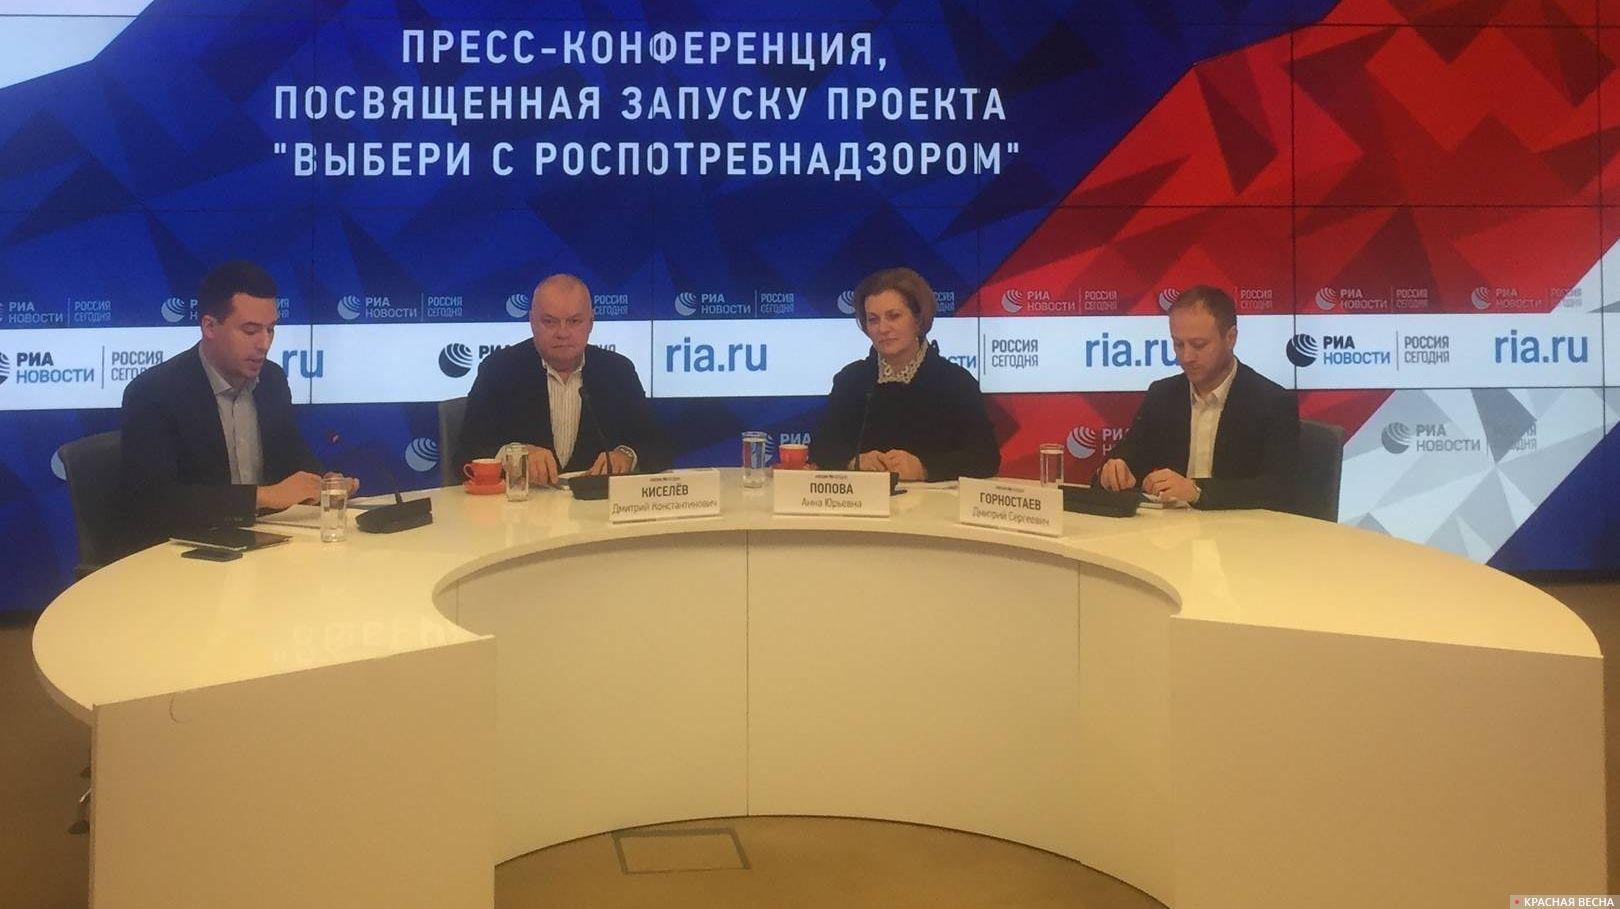 Пресс-конференция Роспотребнадзора